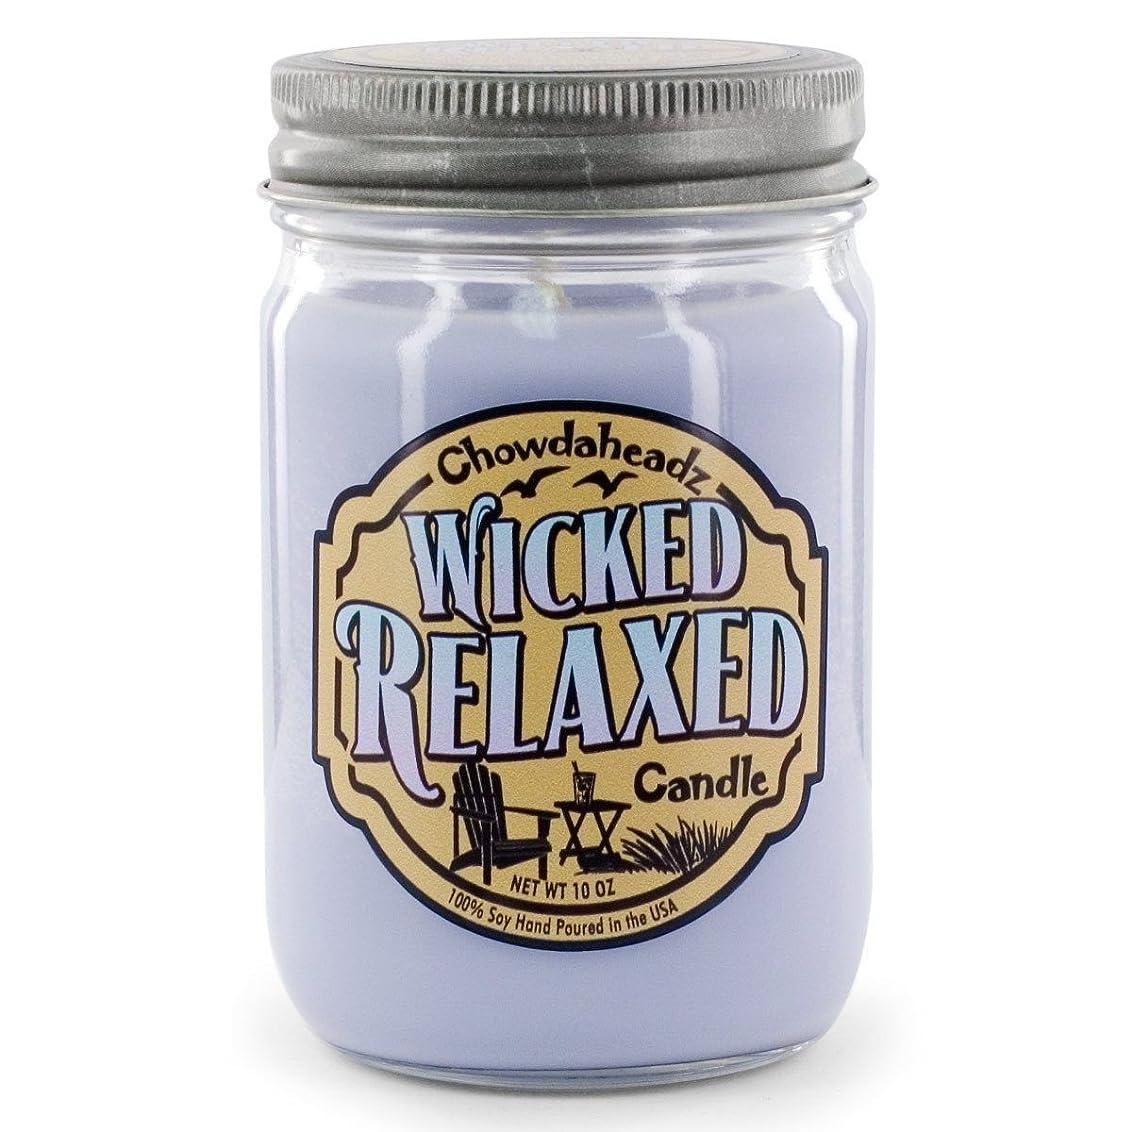 イディオムシェア雇用者Wicked Relaxed Candle 100?%大豆、すべての自然、Made in the USA by Chowdaheadz